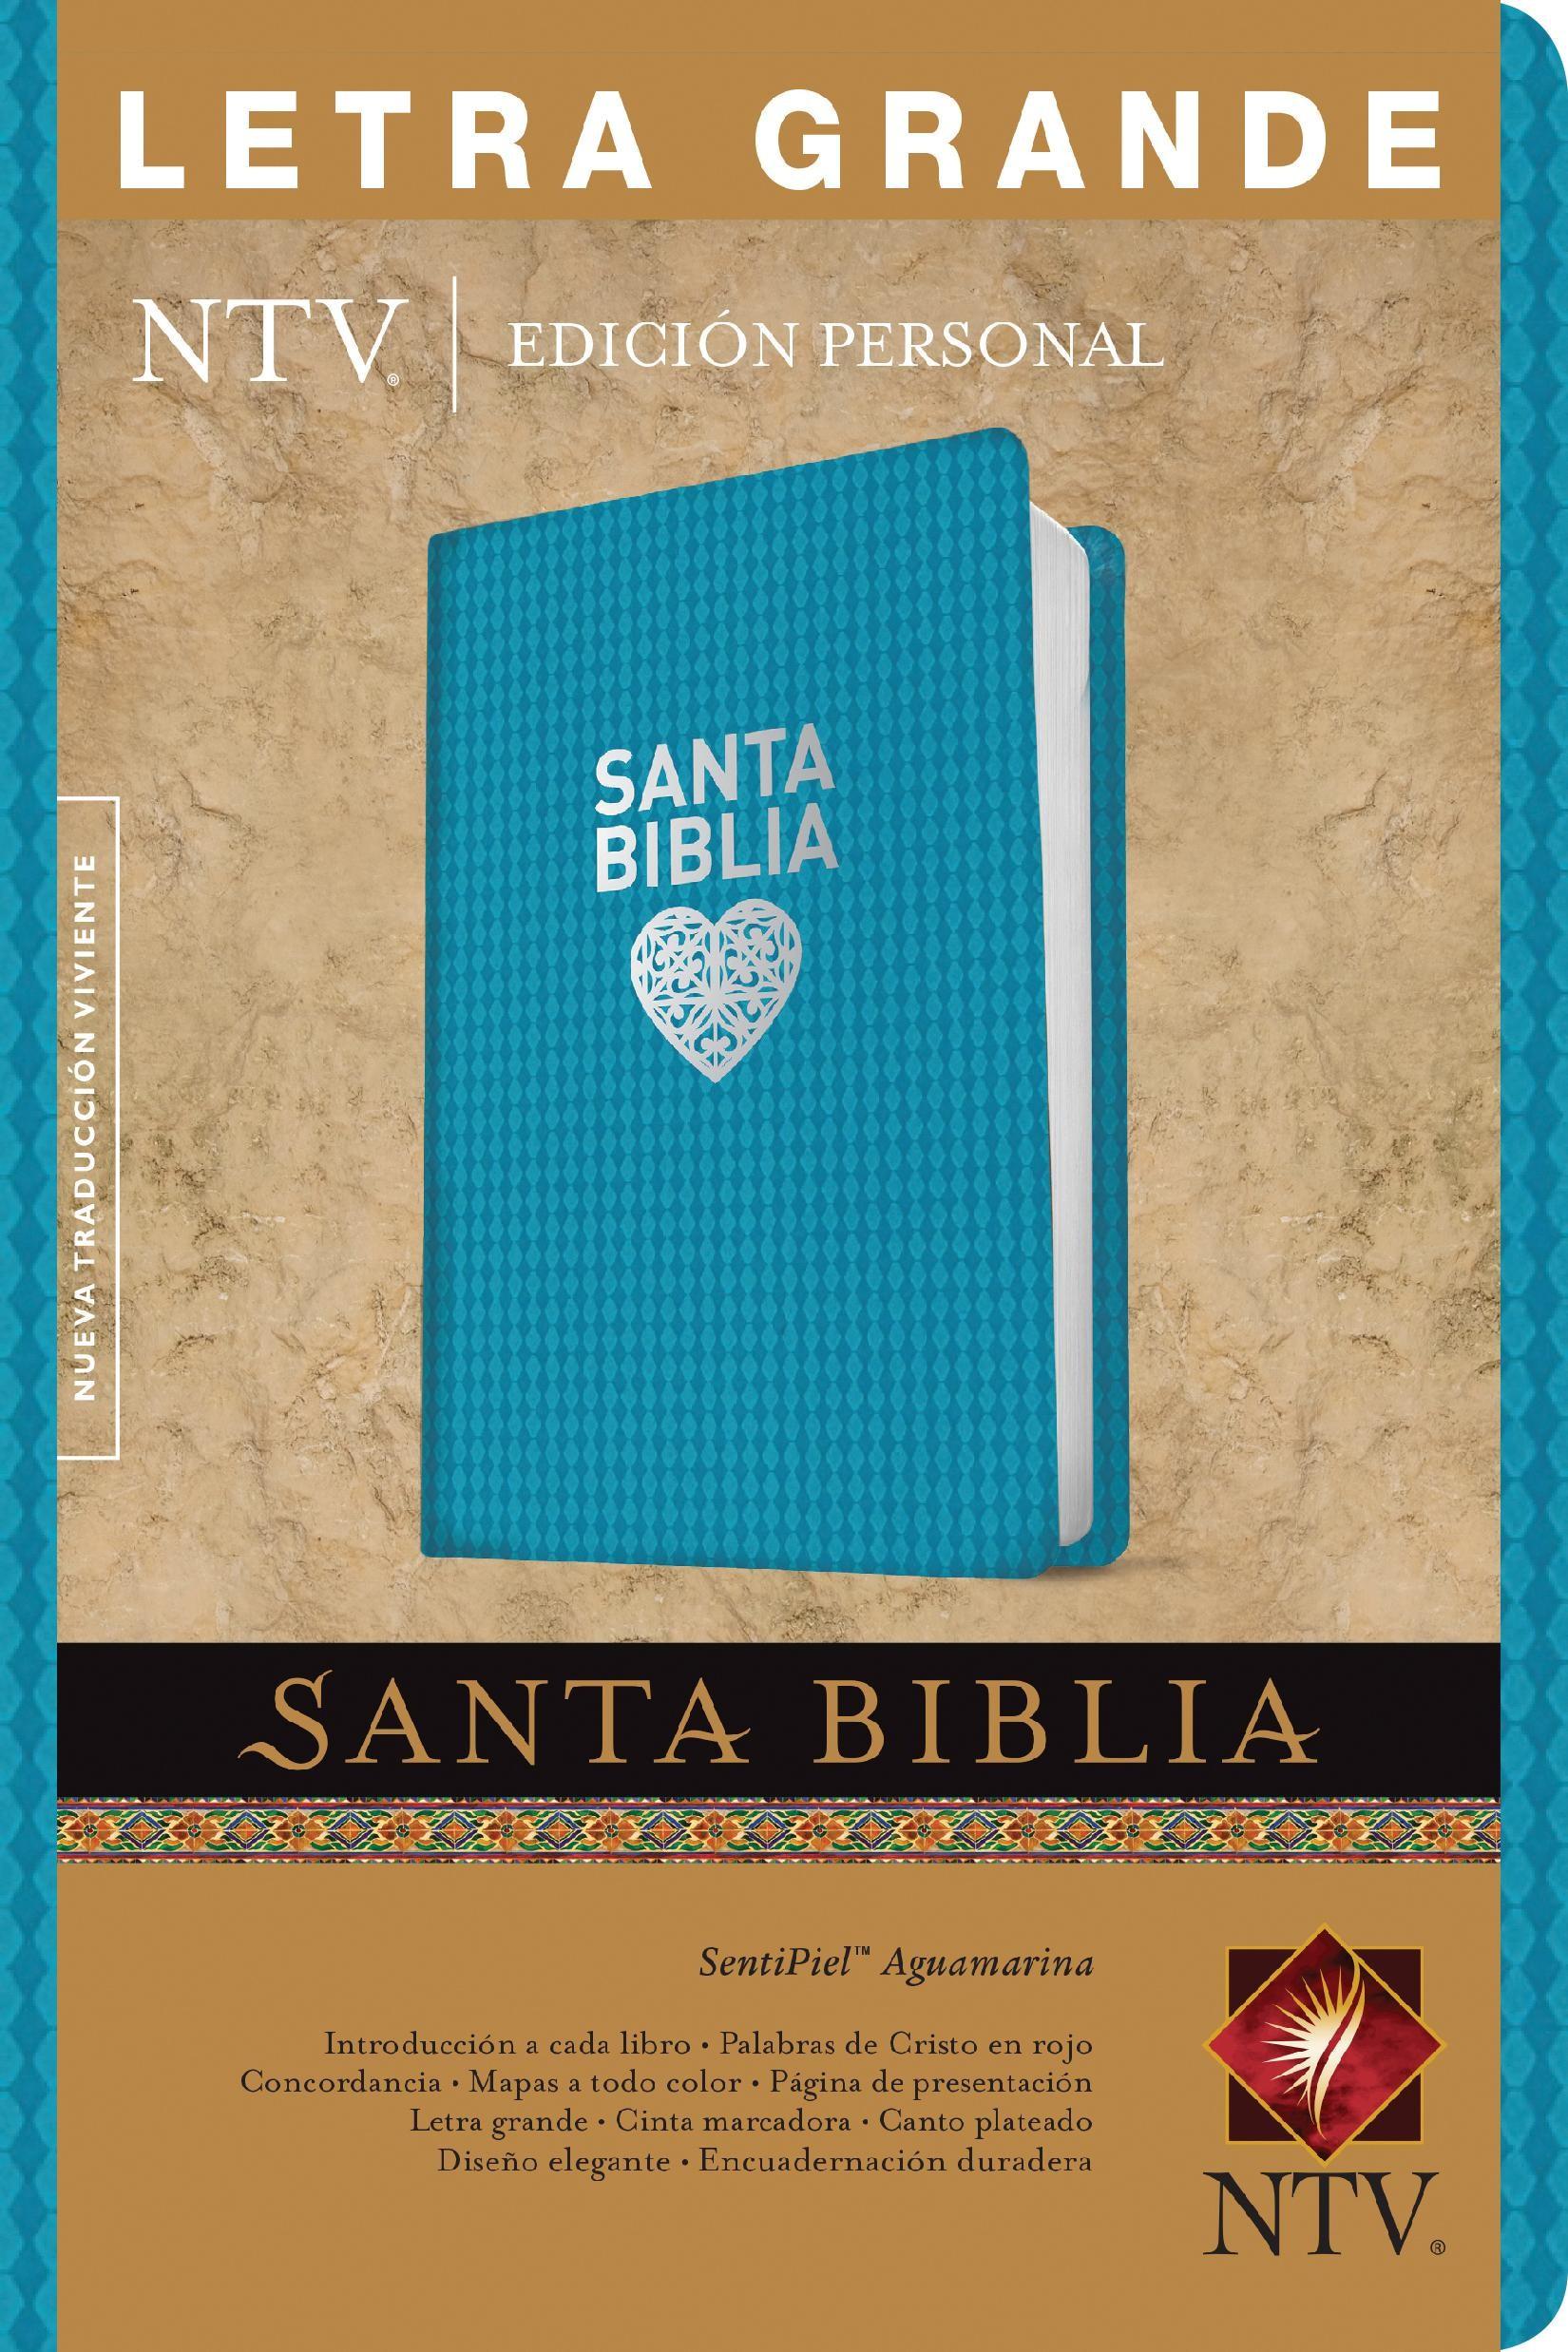 Santa Biblia NTV, Edición personal, letra grande (Letra Roja, SentiPiel, Aguamarina)